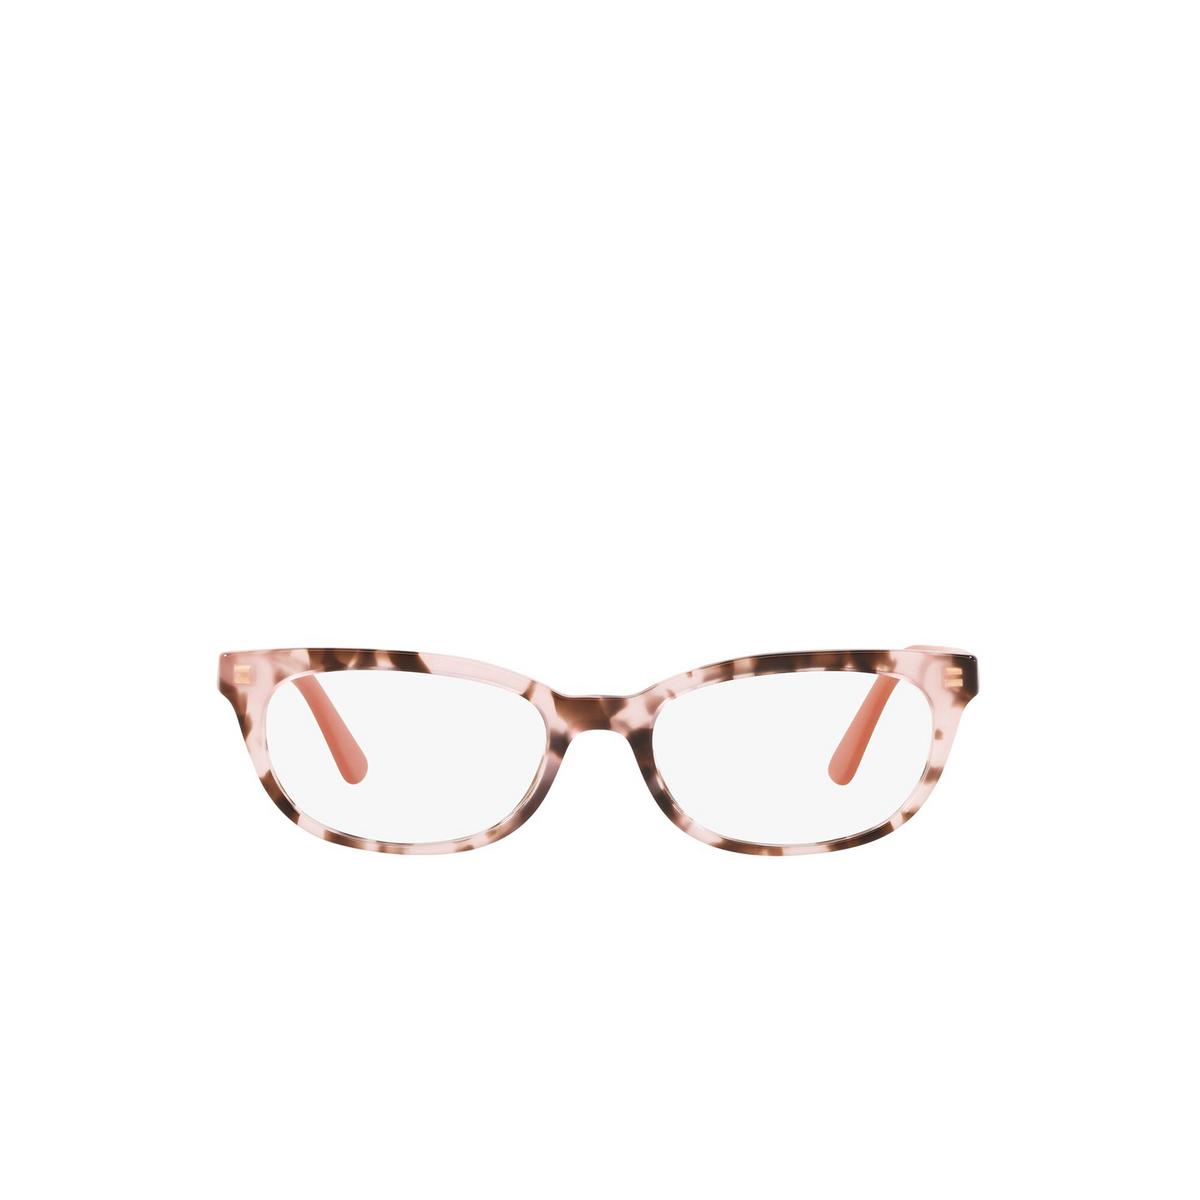 Prada® Oval Eyeglasses: Catwalk PR 13VV color Spotted Pink ROJ1O1 - front view.